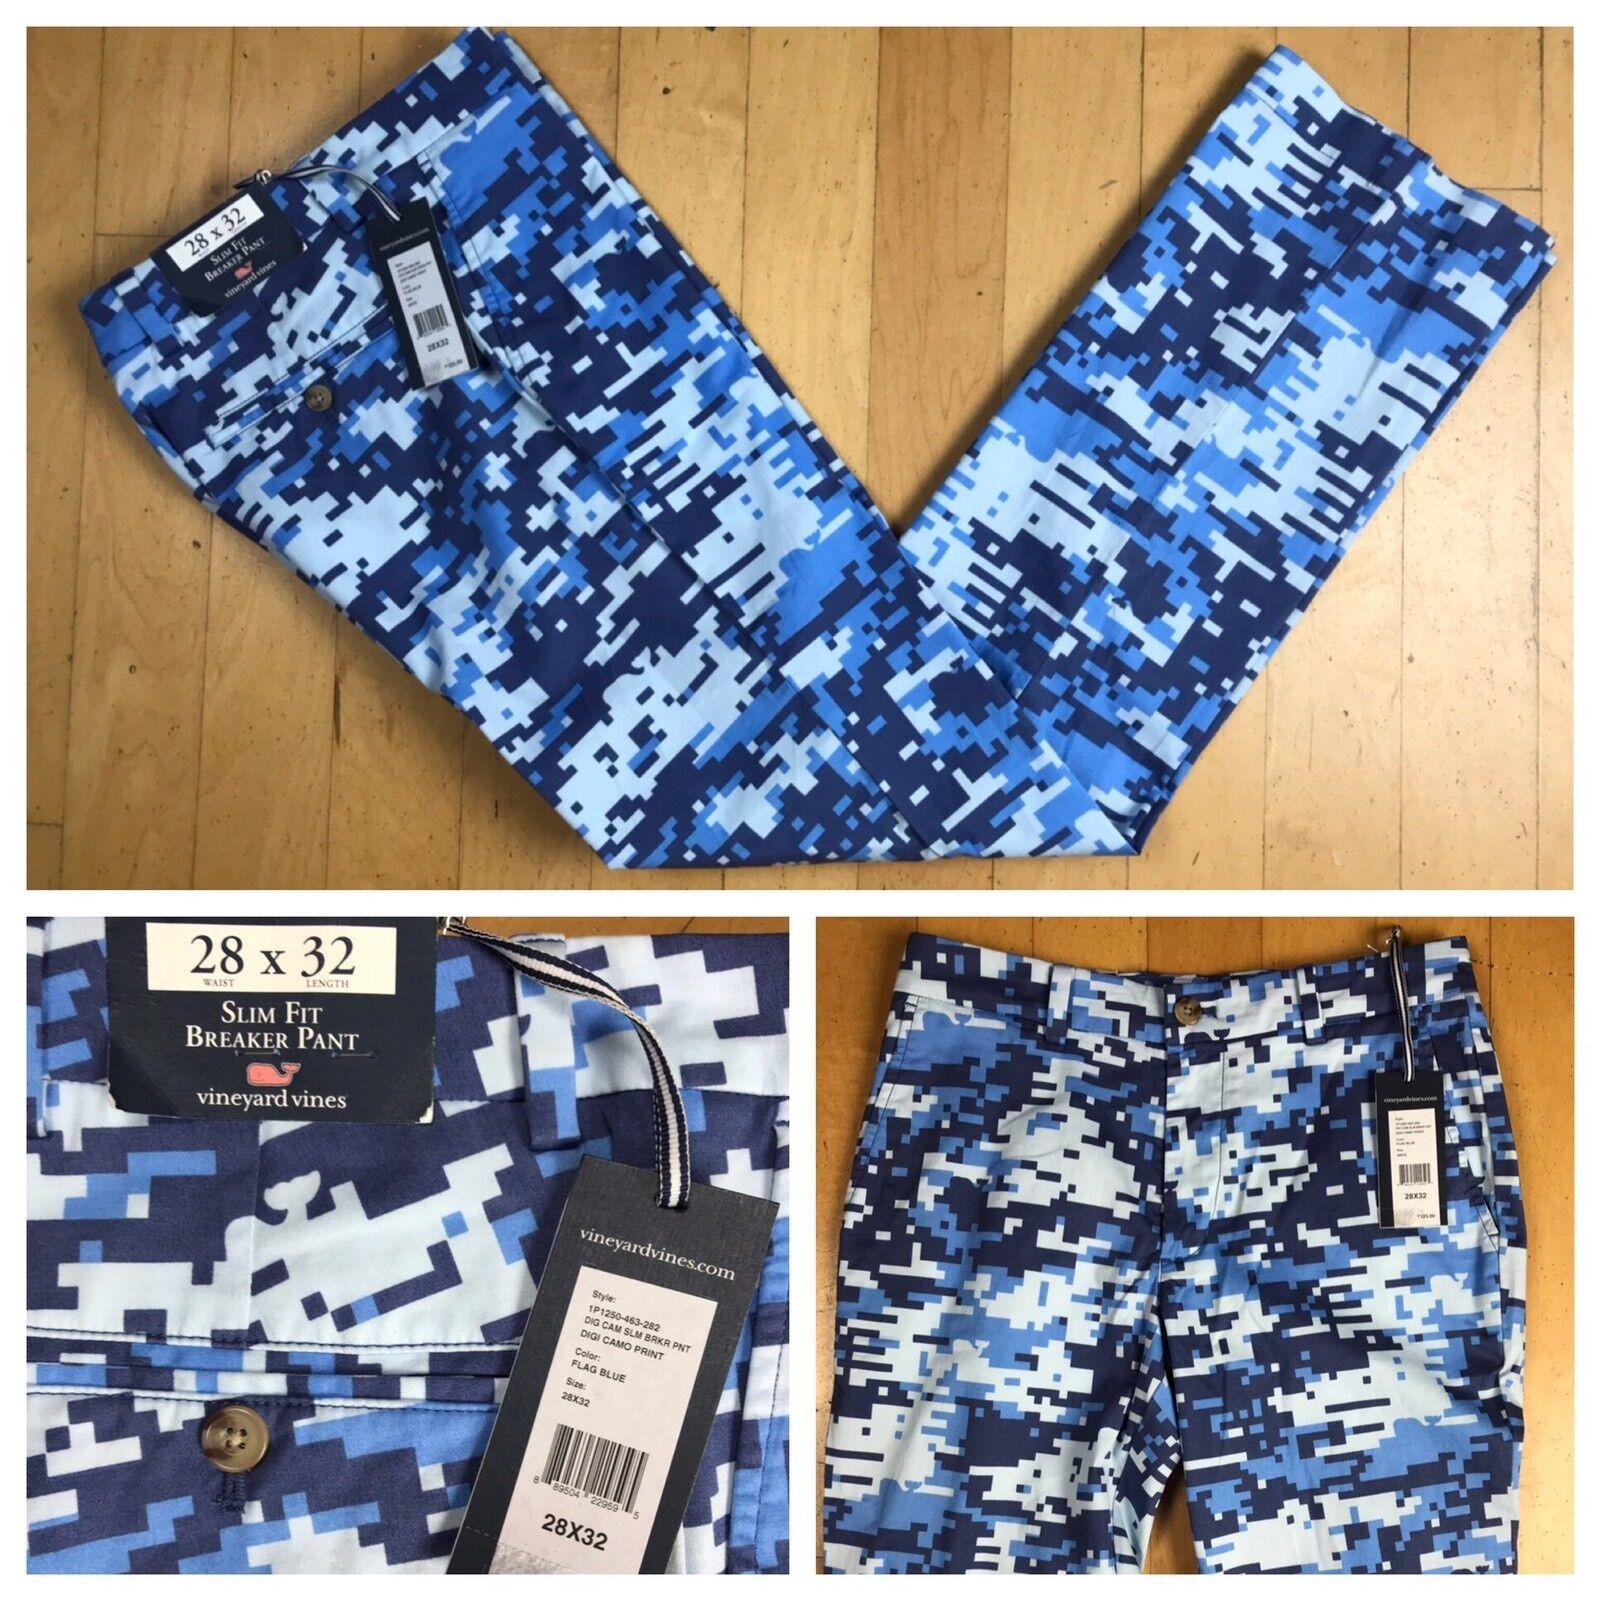 Men's Vineyard Vines Slim Fit Stretch Breaker Digital Camp Flag bluee Pants 28x32